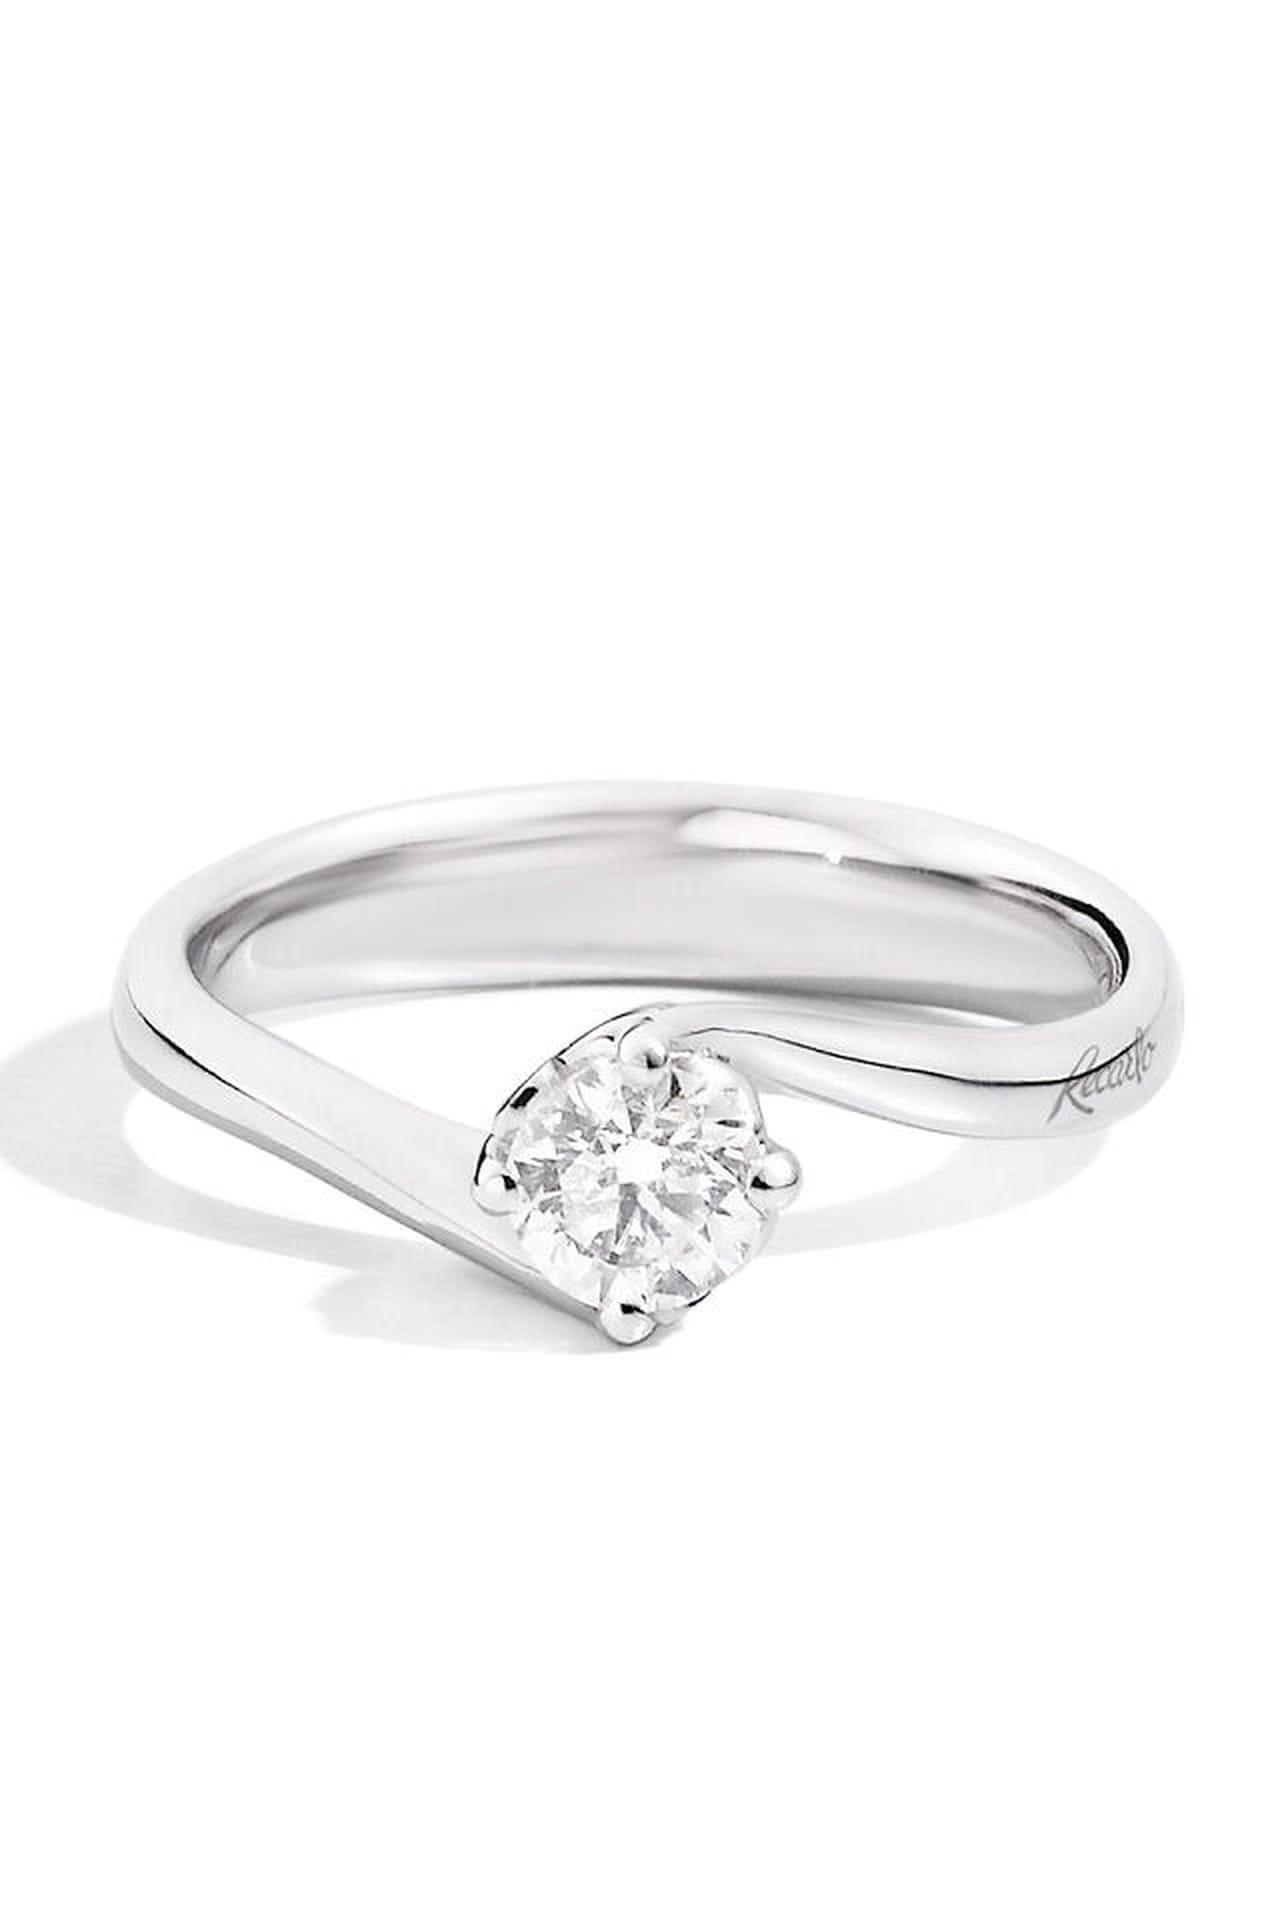 Costo anello di fidanzamento solitario